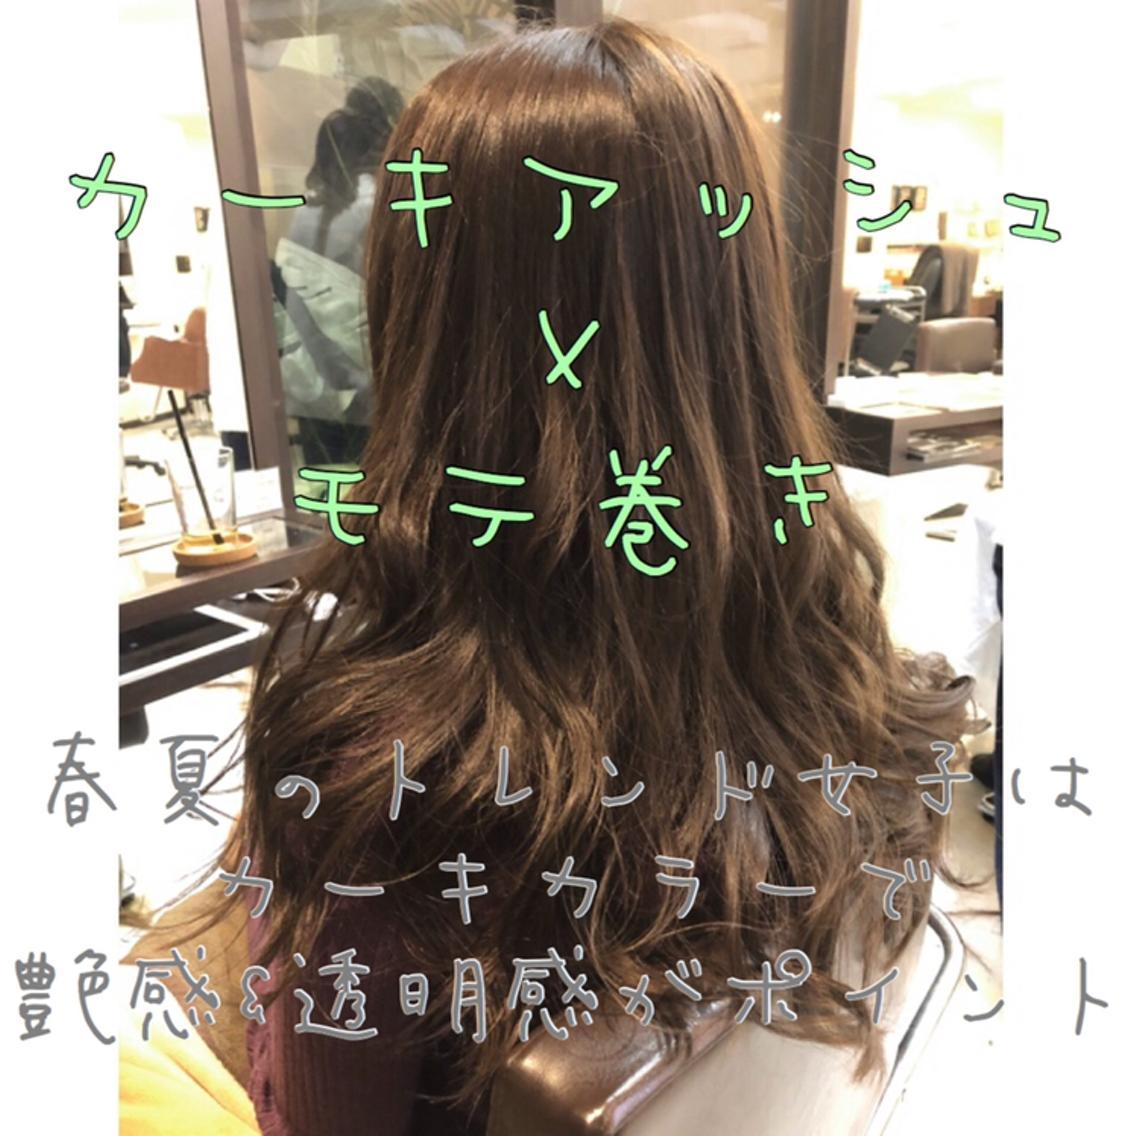 パースィート目黒所属・✂️山下拓也✂️の掲載